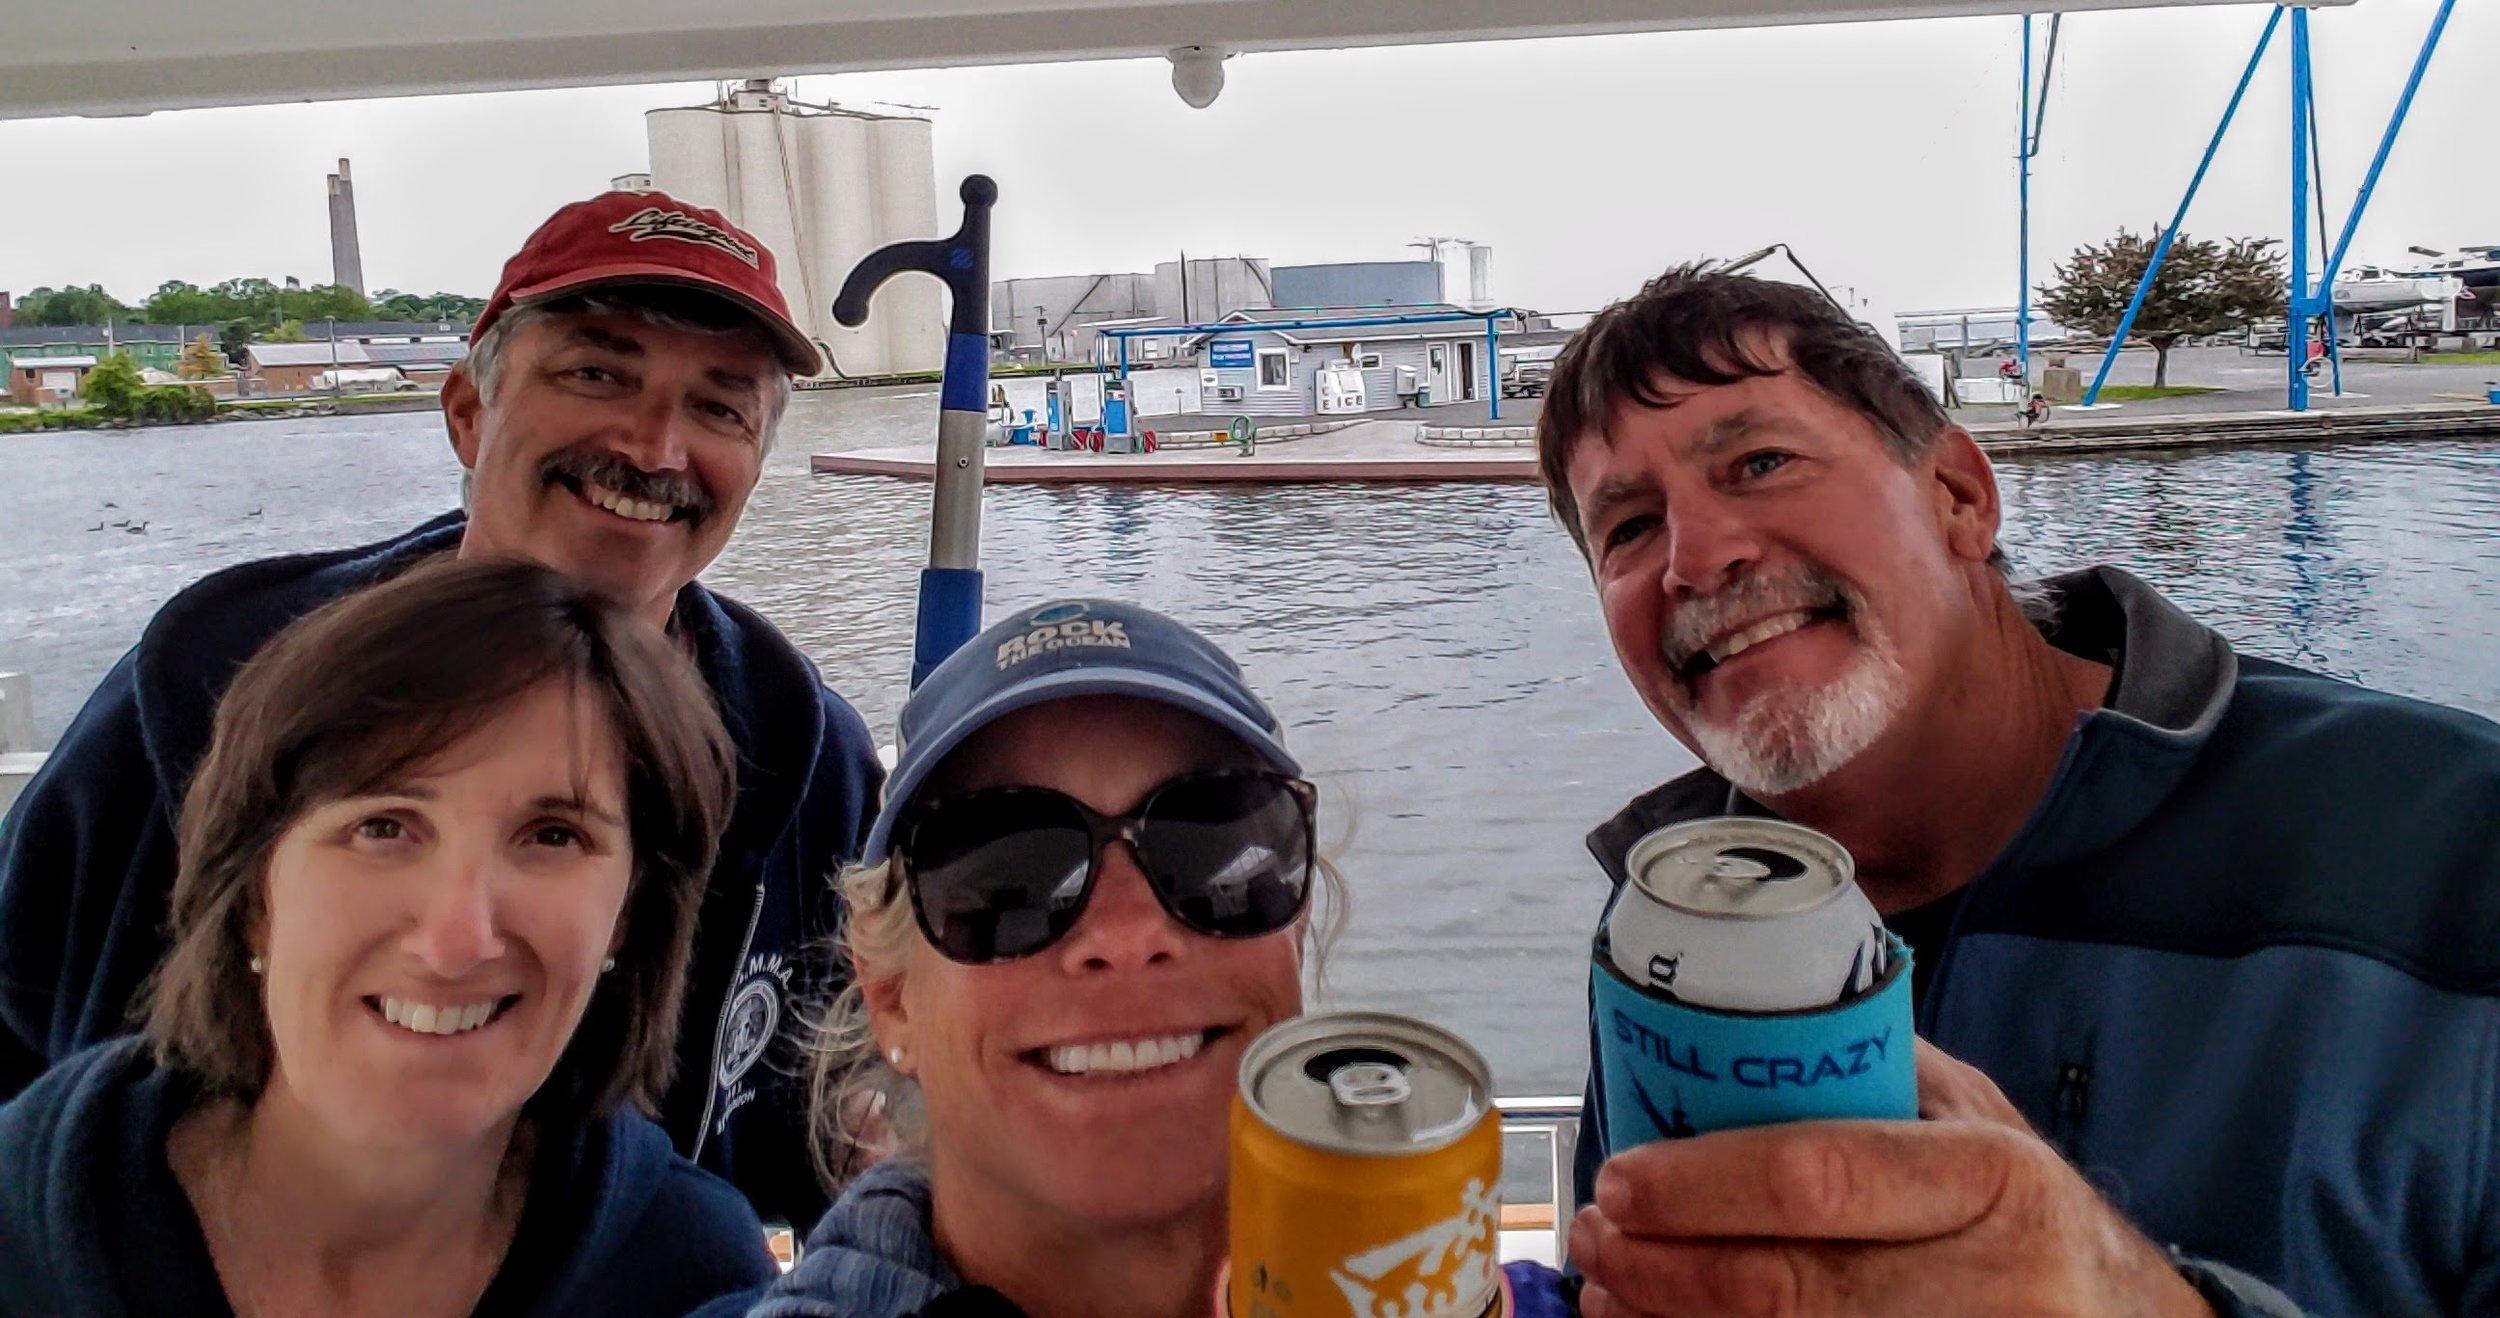 At the Oswego Marina we celebrate our accomplishment